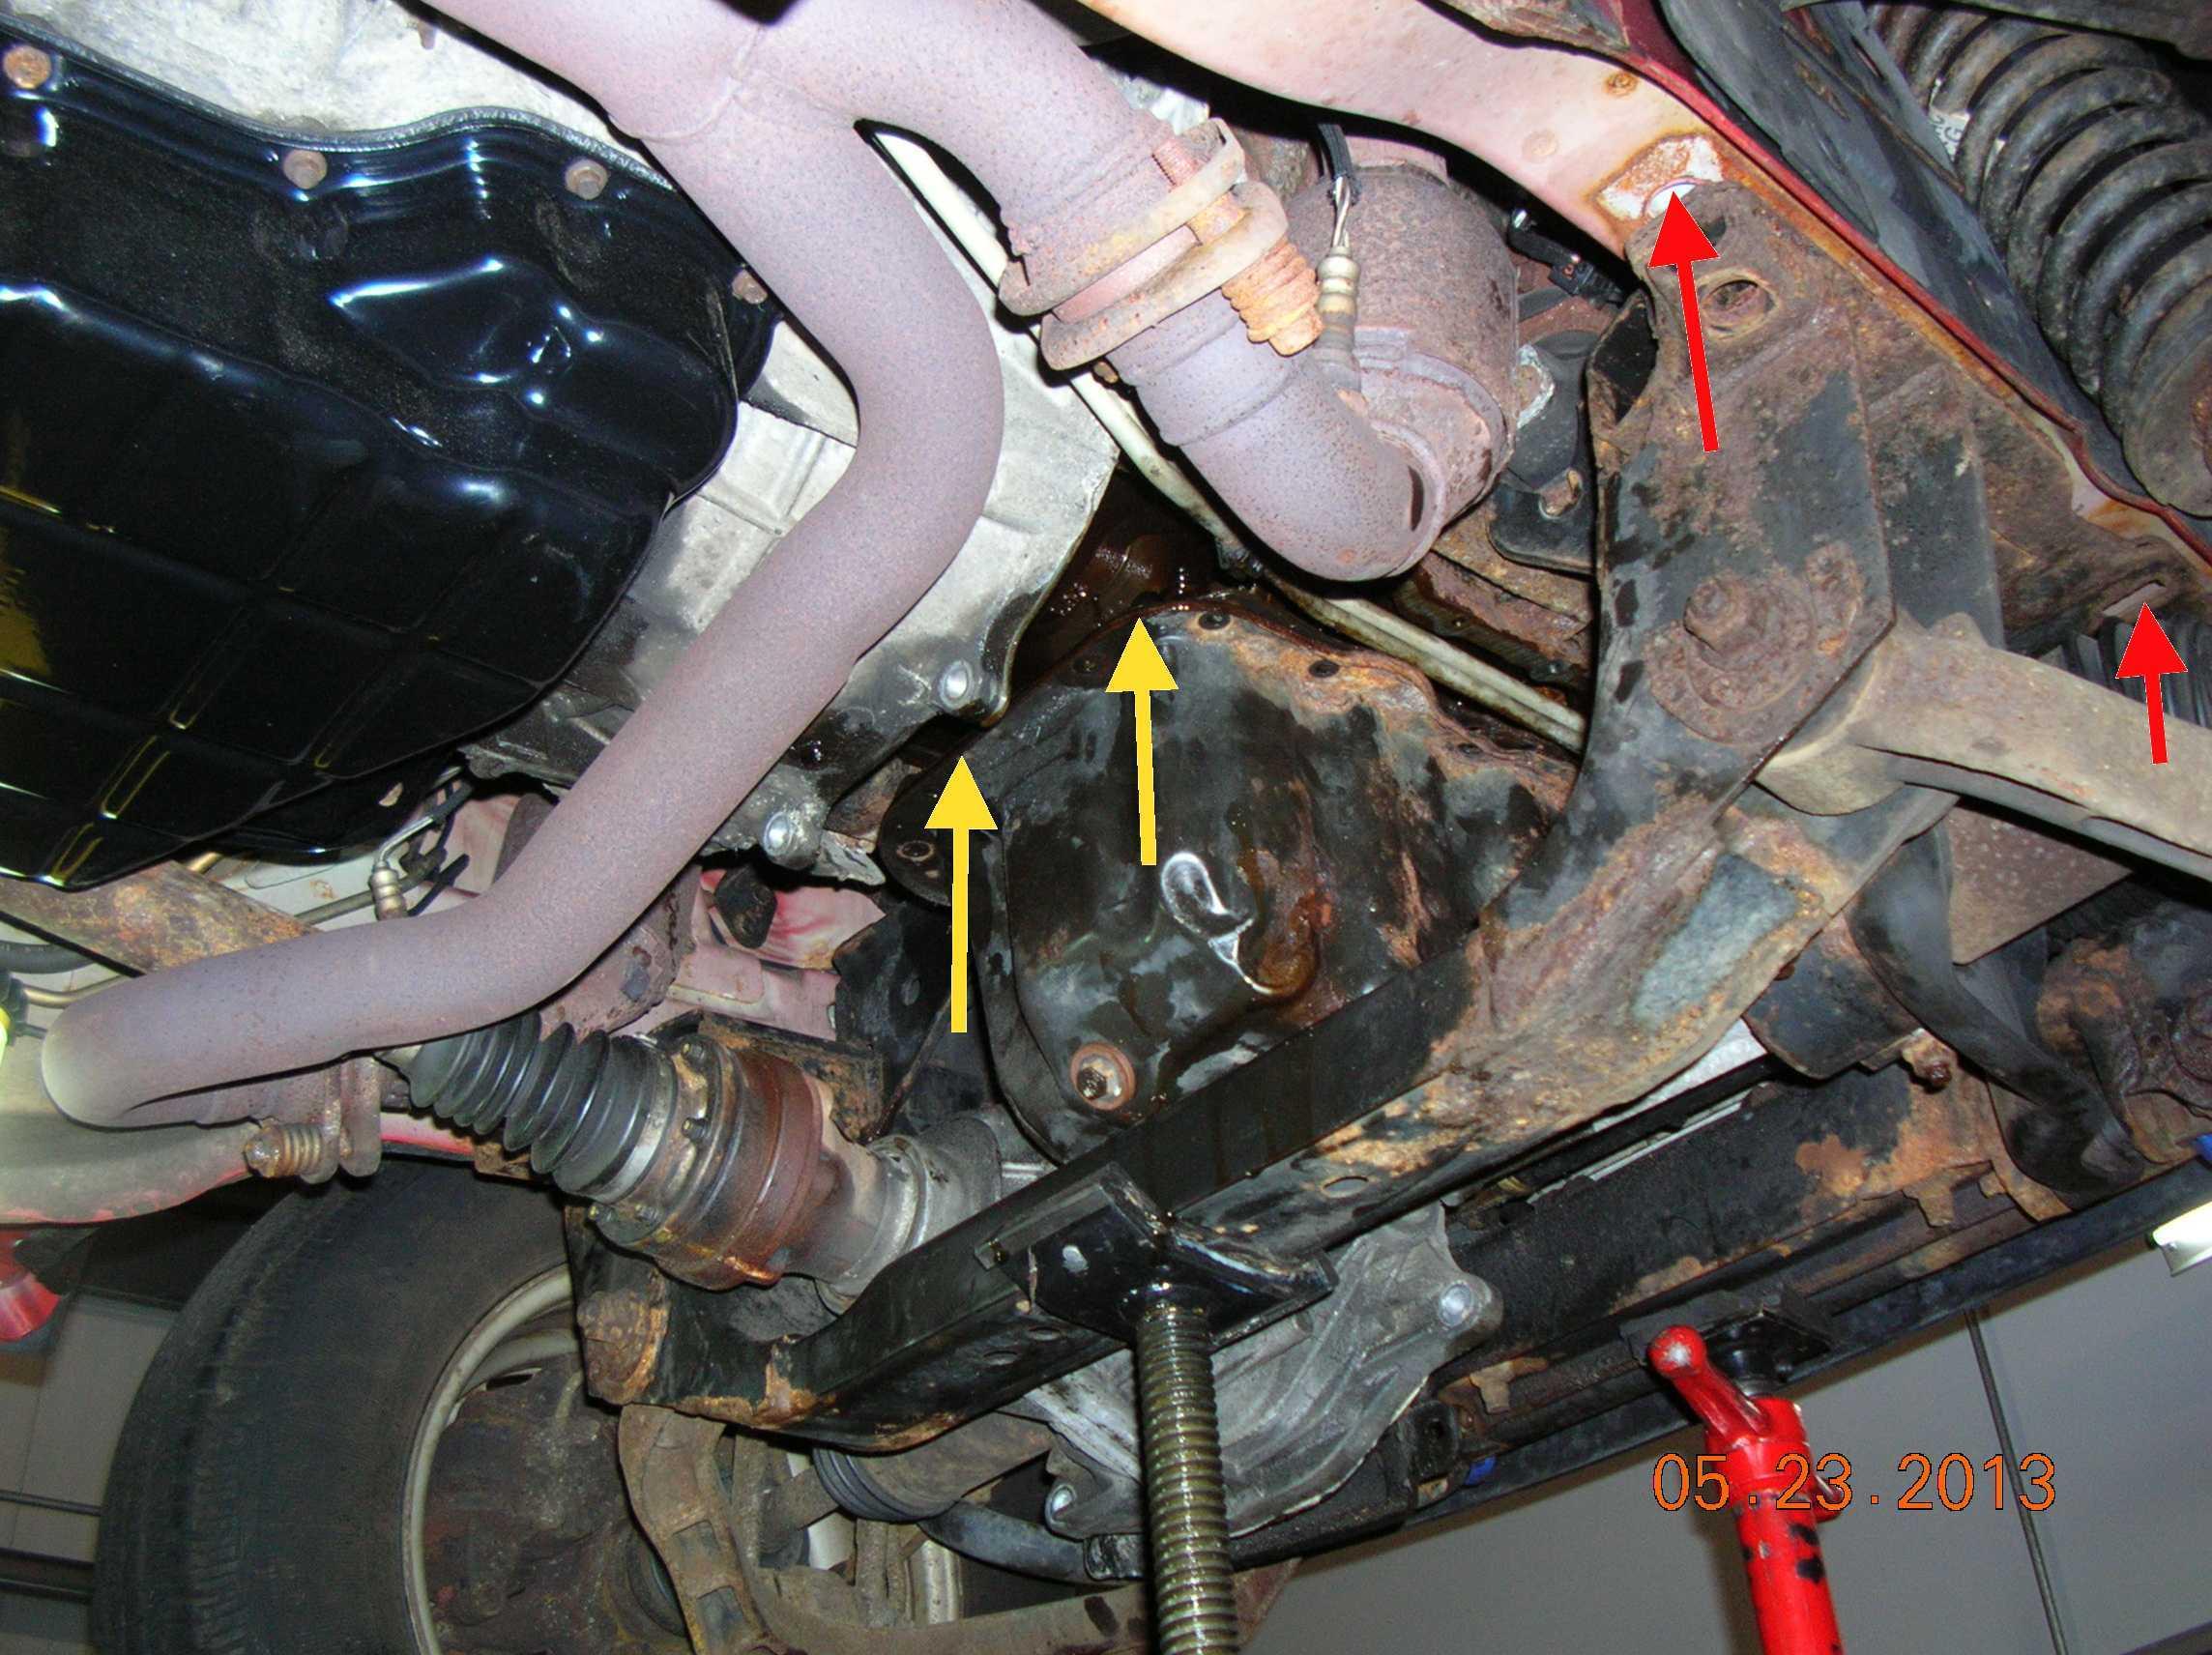 3 7L Oil pan replacement pictures - JeepForum com